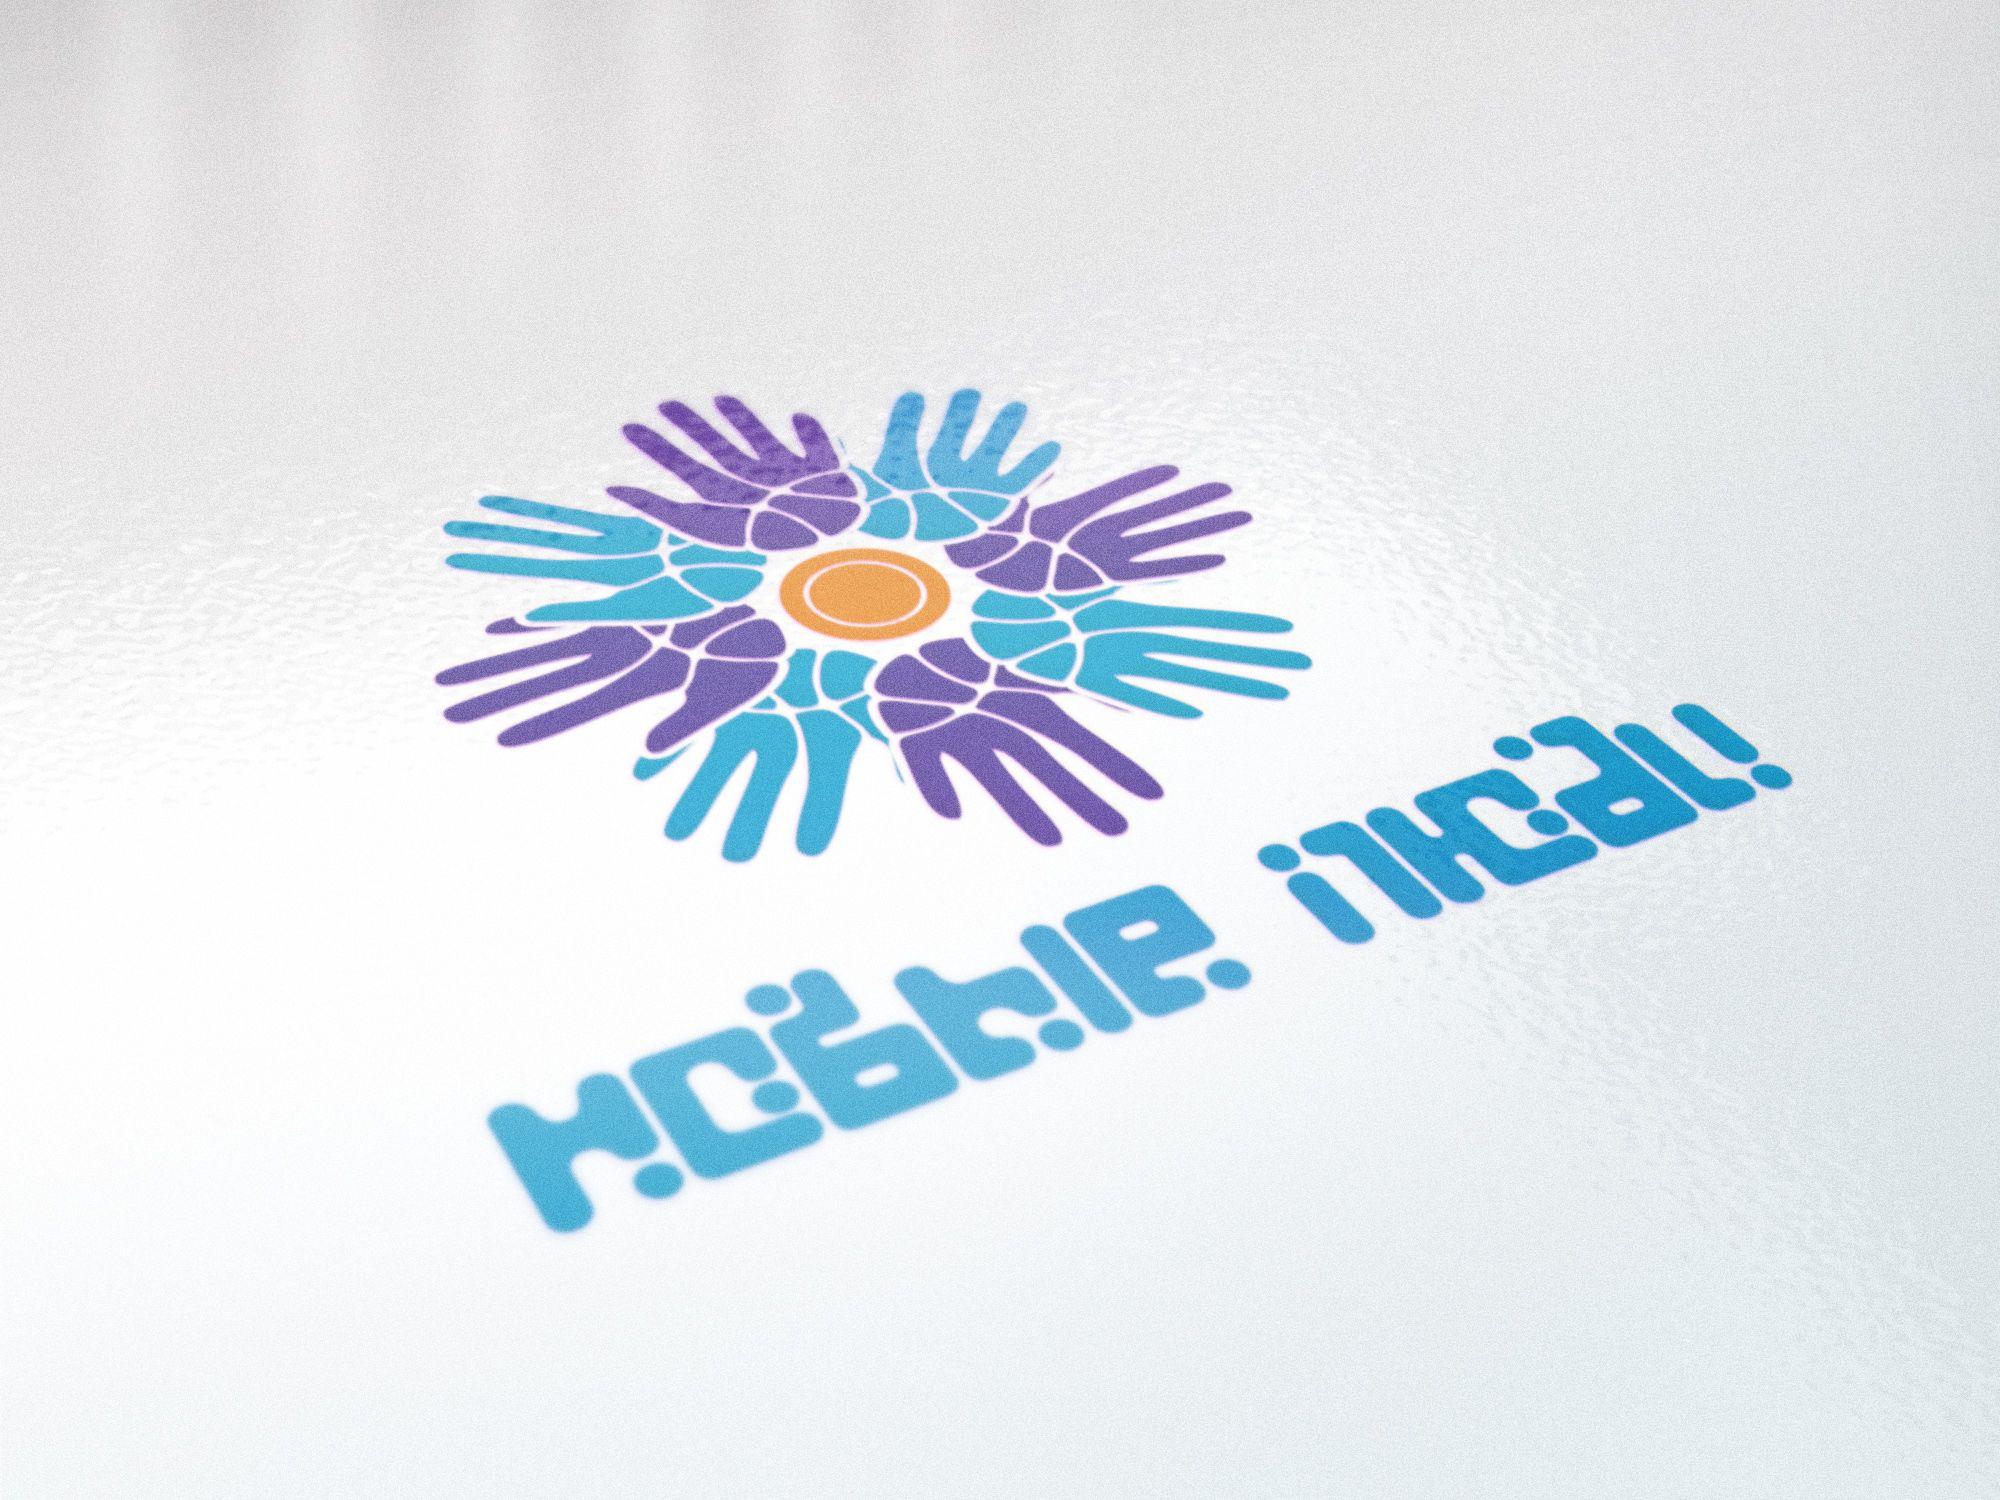 Лого и стиль тренингового центра/системы знаний - дизайнер Nanoarrow